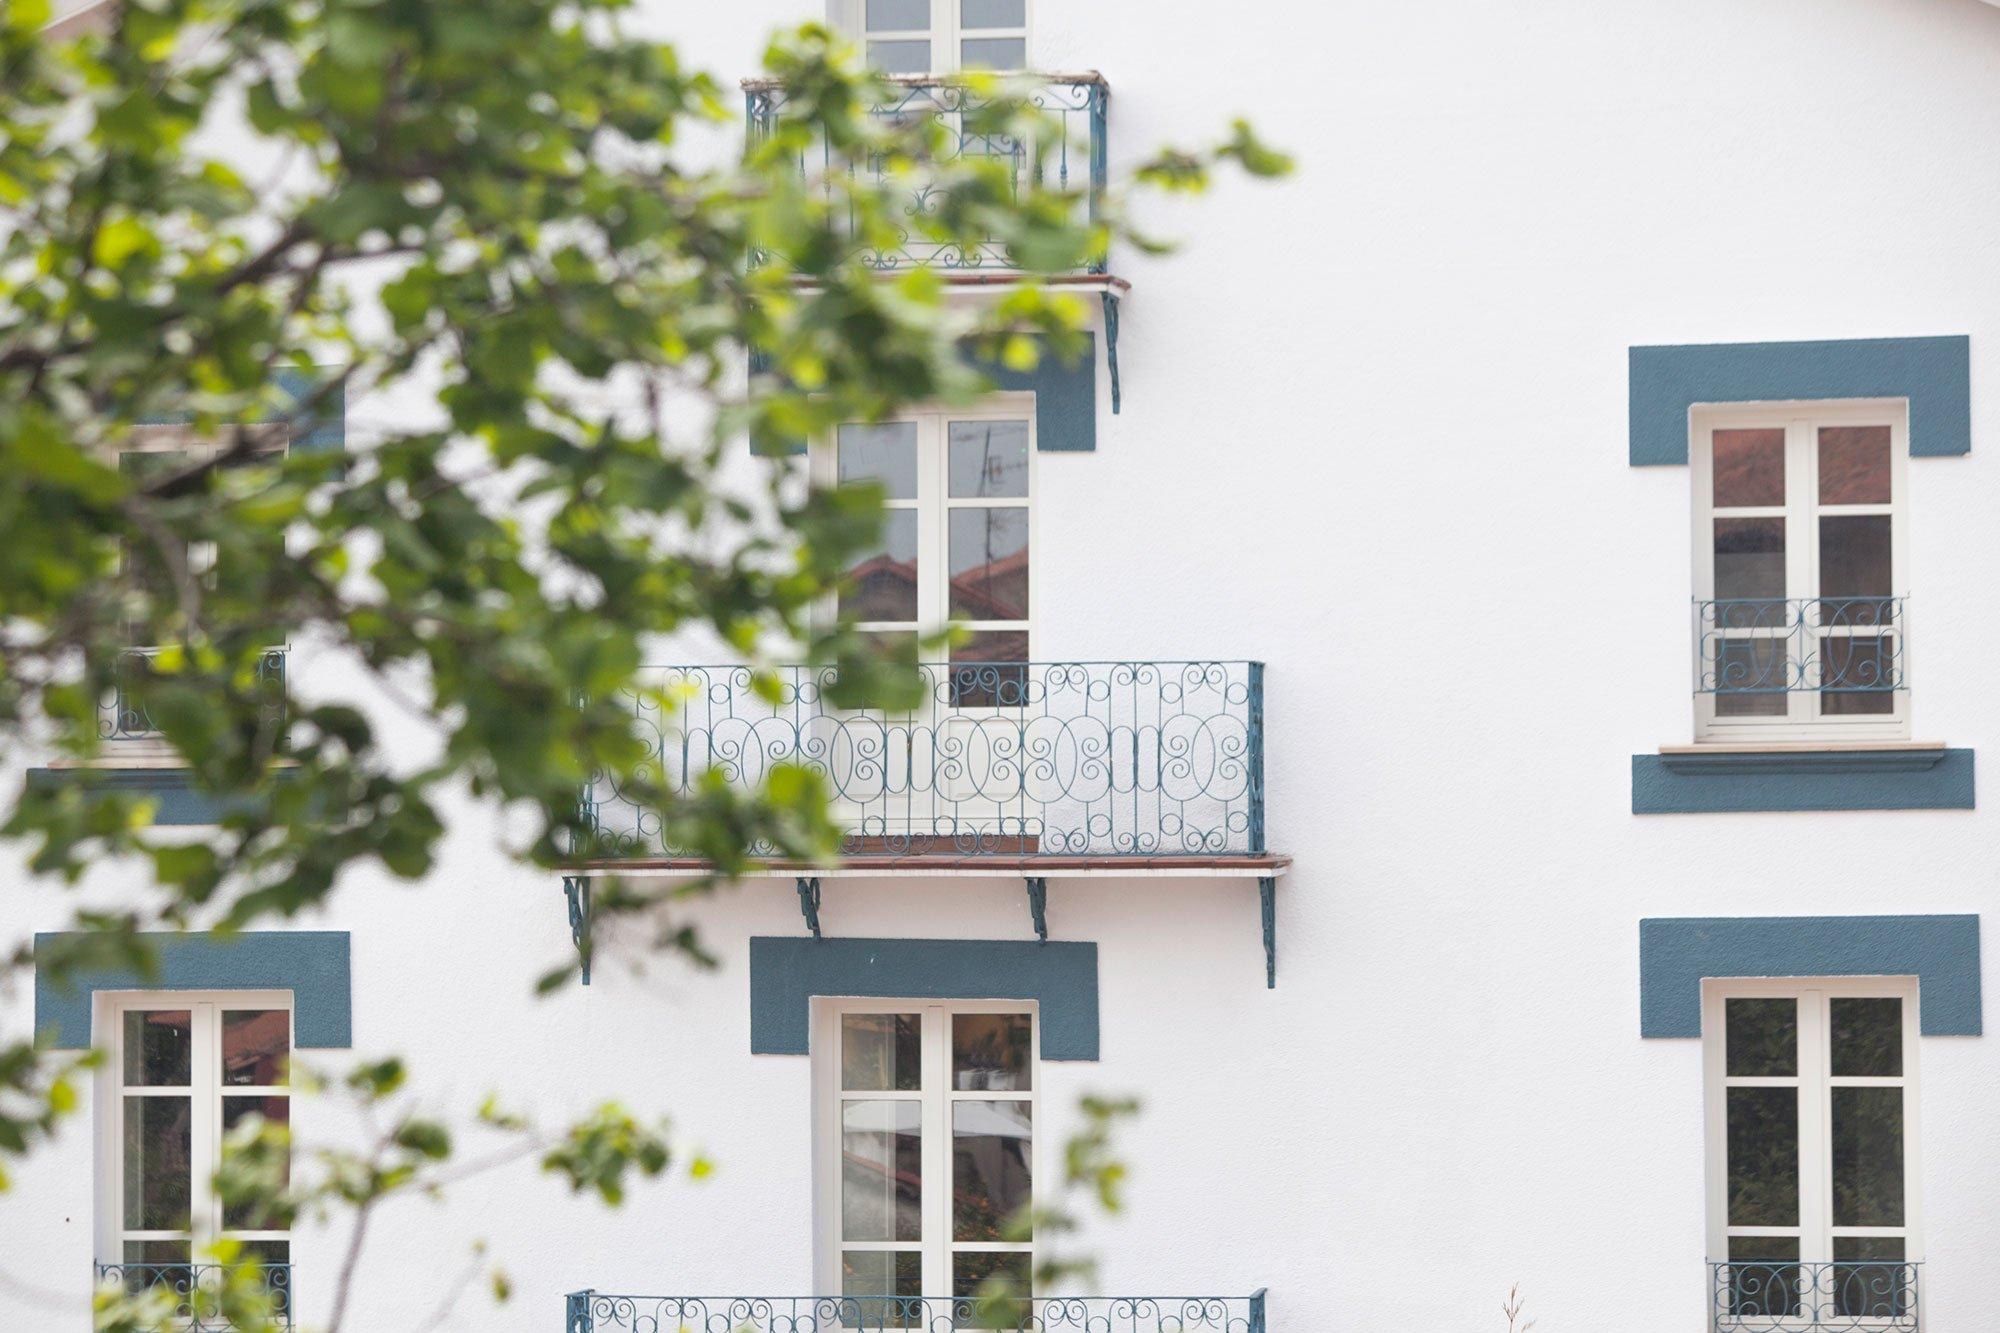 Vistas a la fachada de estilo colonial de Posada Seis Leguas